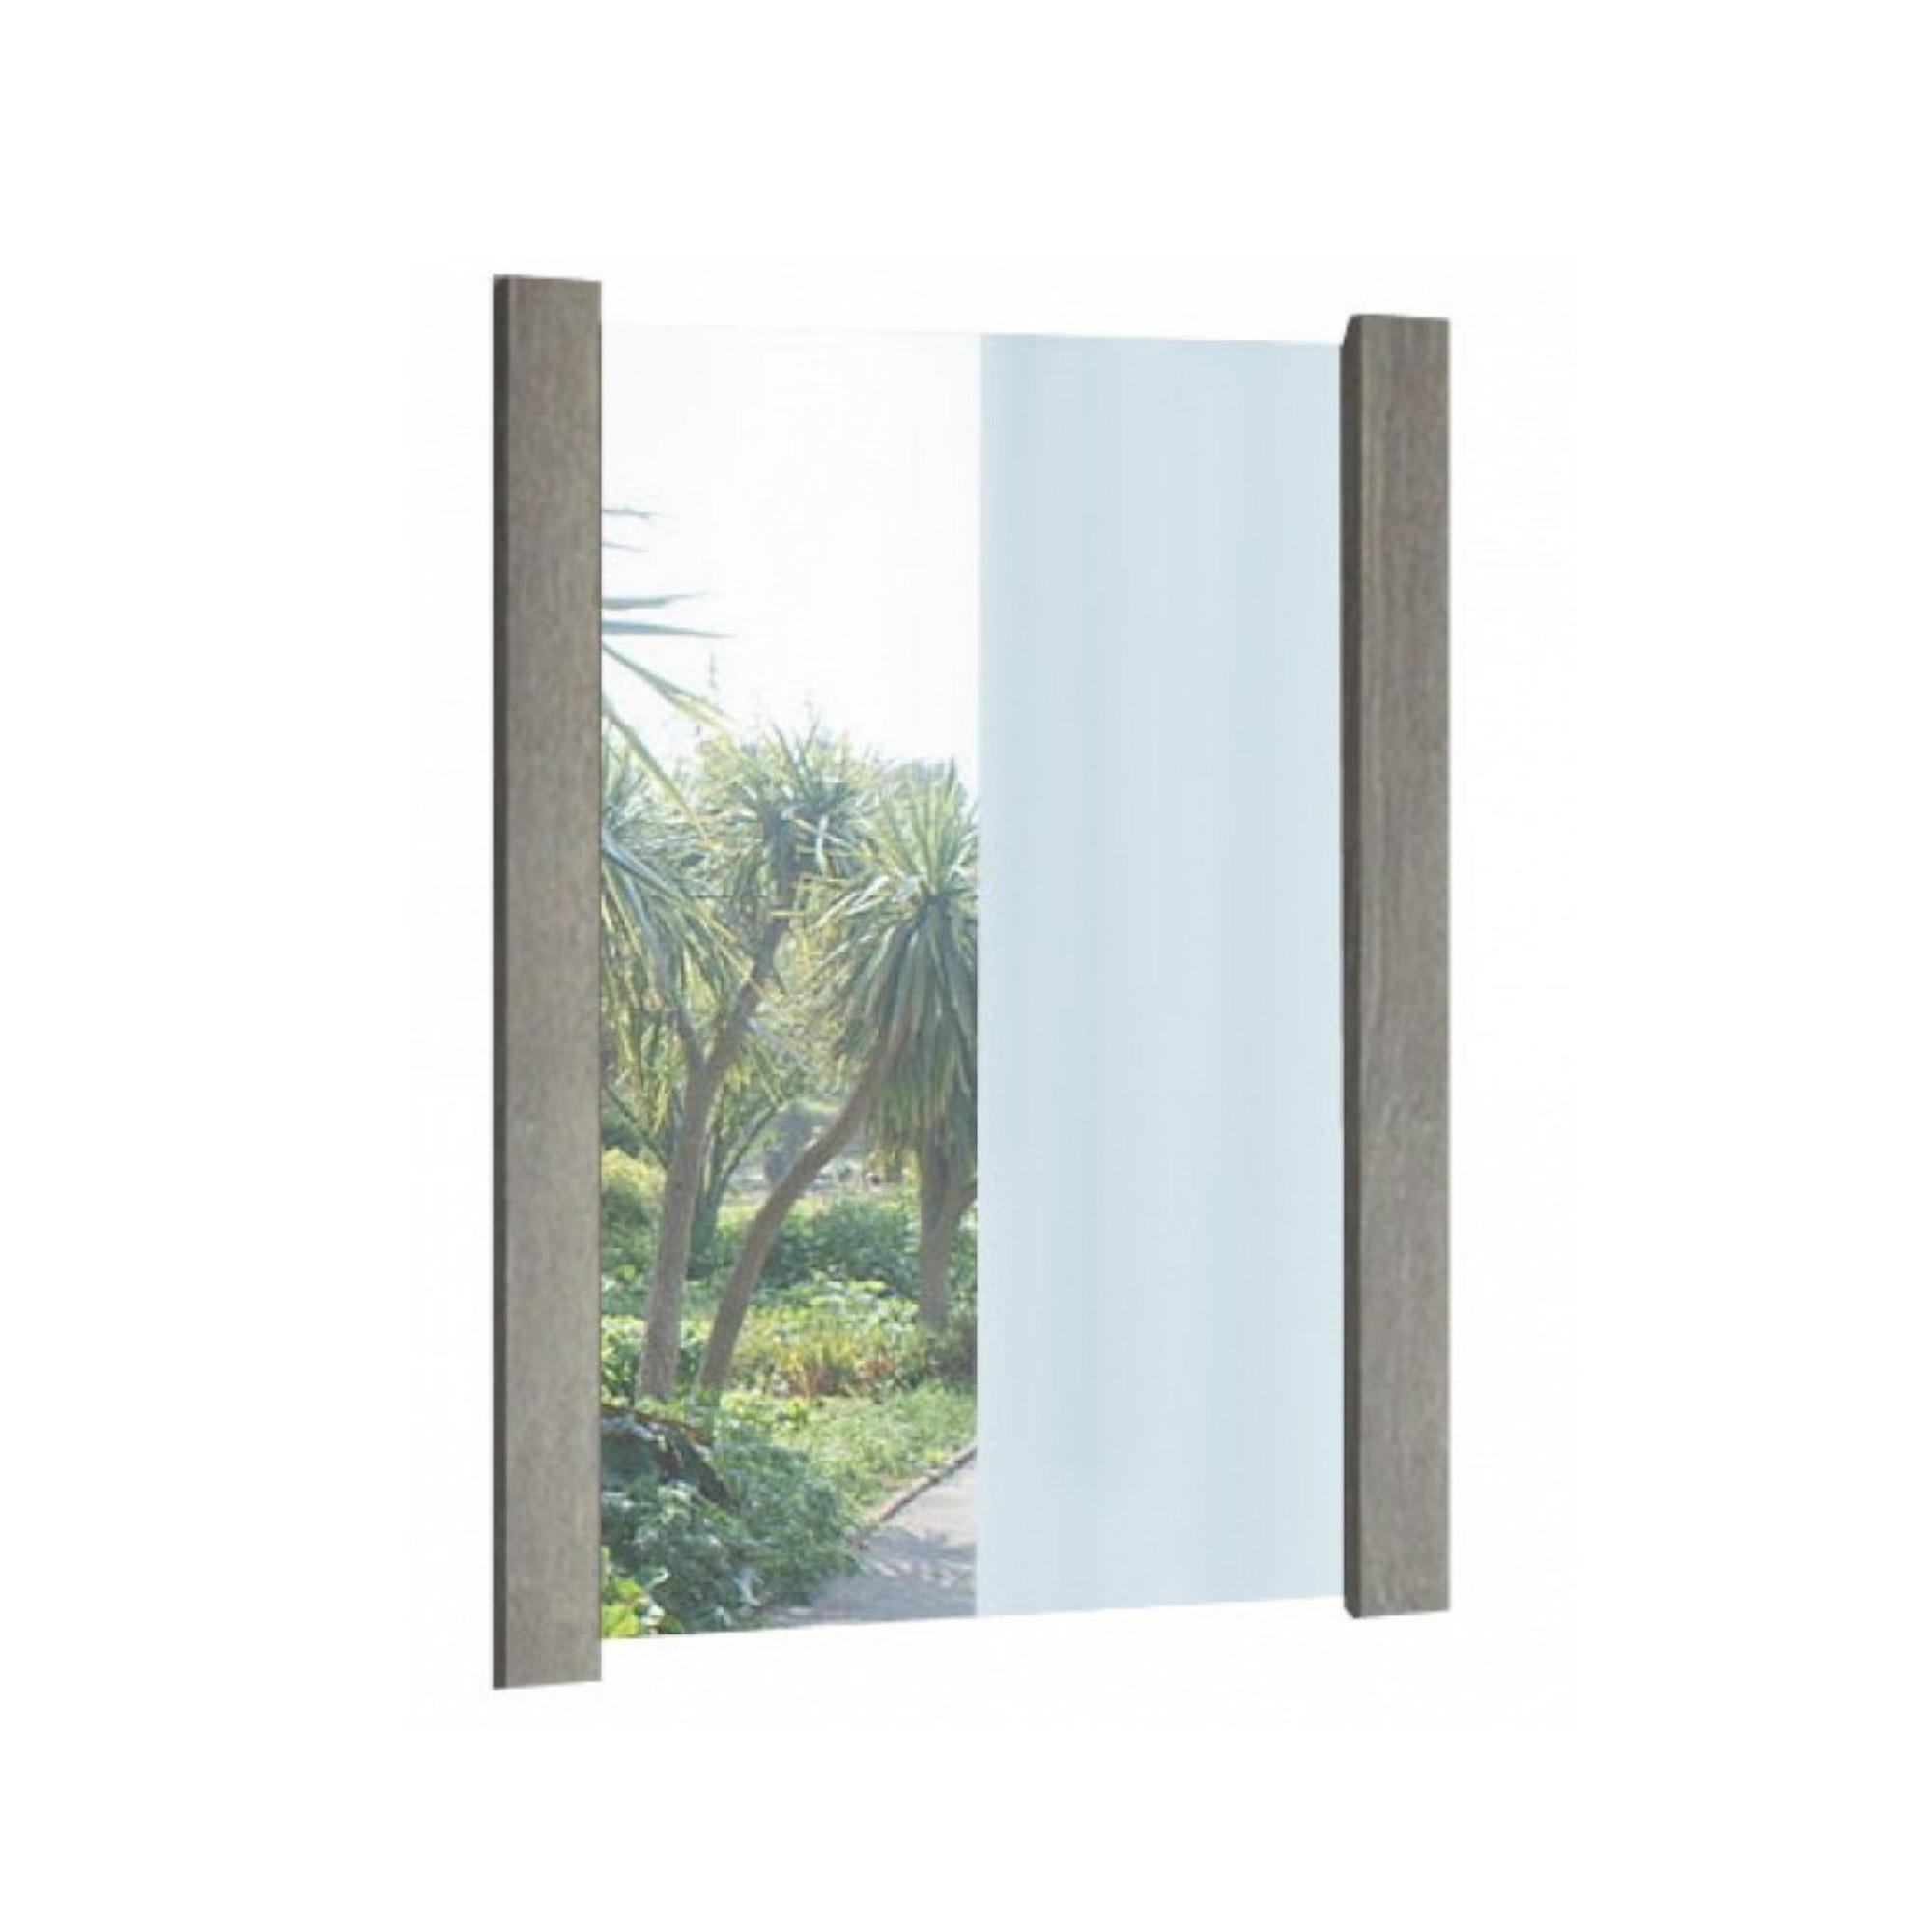 Καθρέπτης σε χρώμα σταχτί 75×90